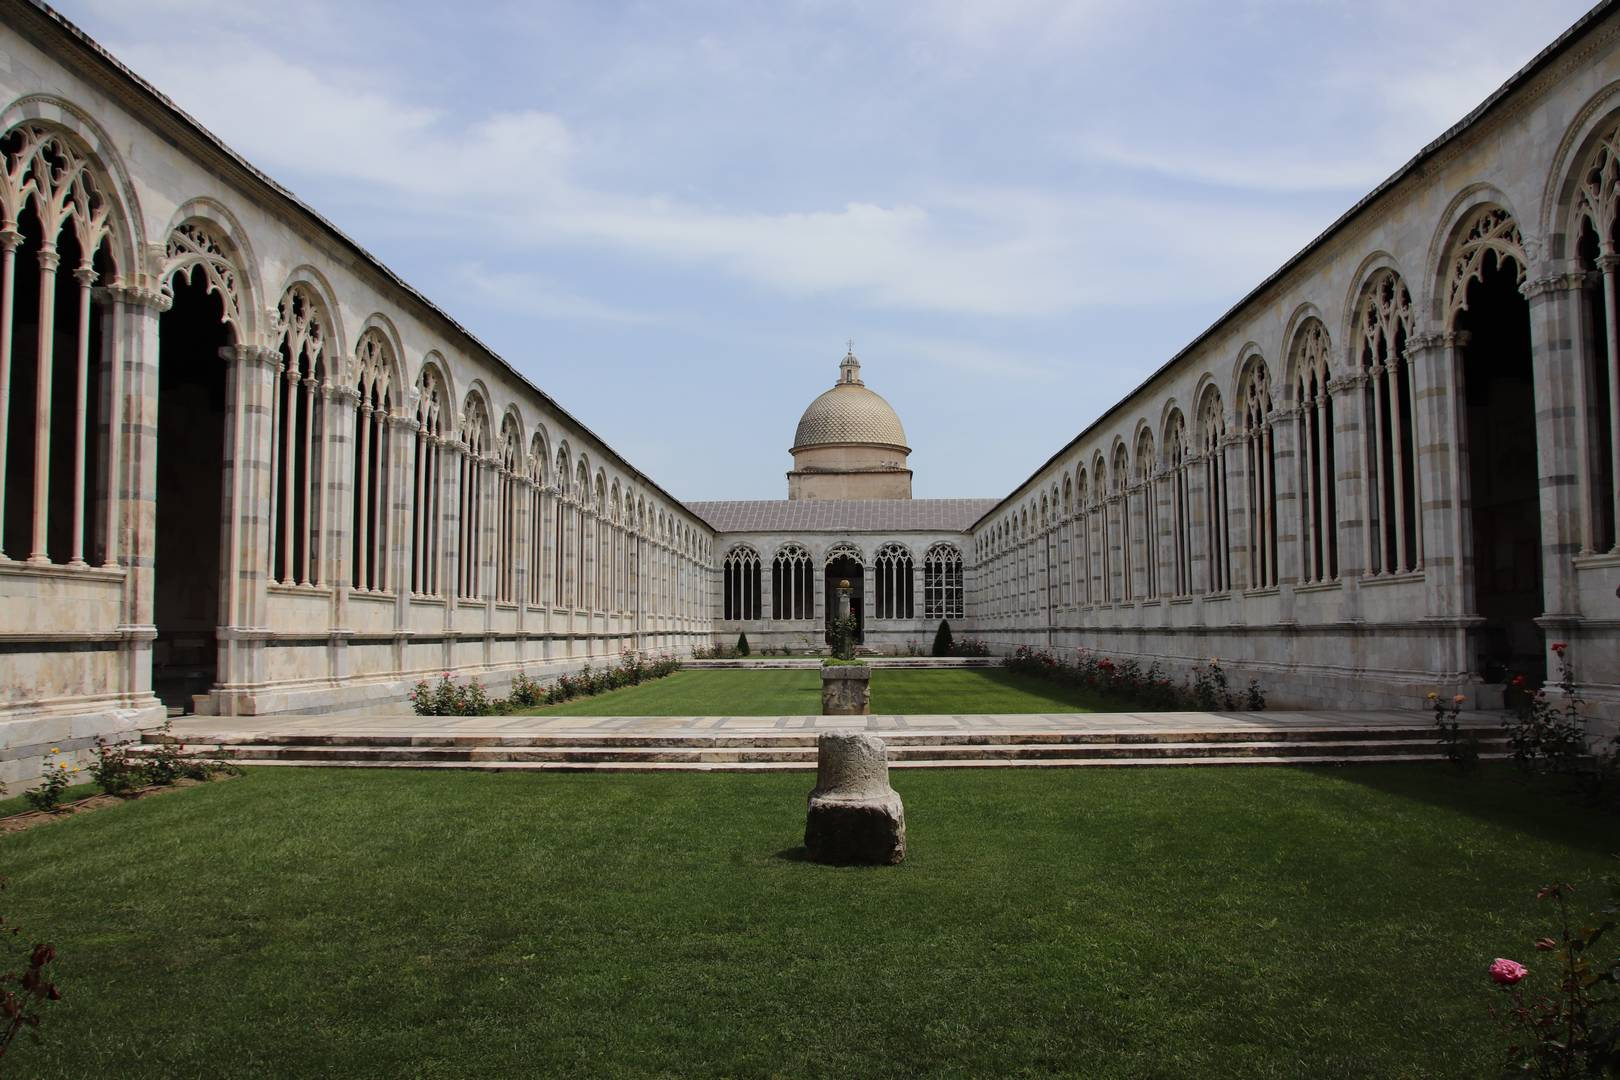 Italie - Intérieur du composanto monumentale à Pise